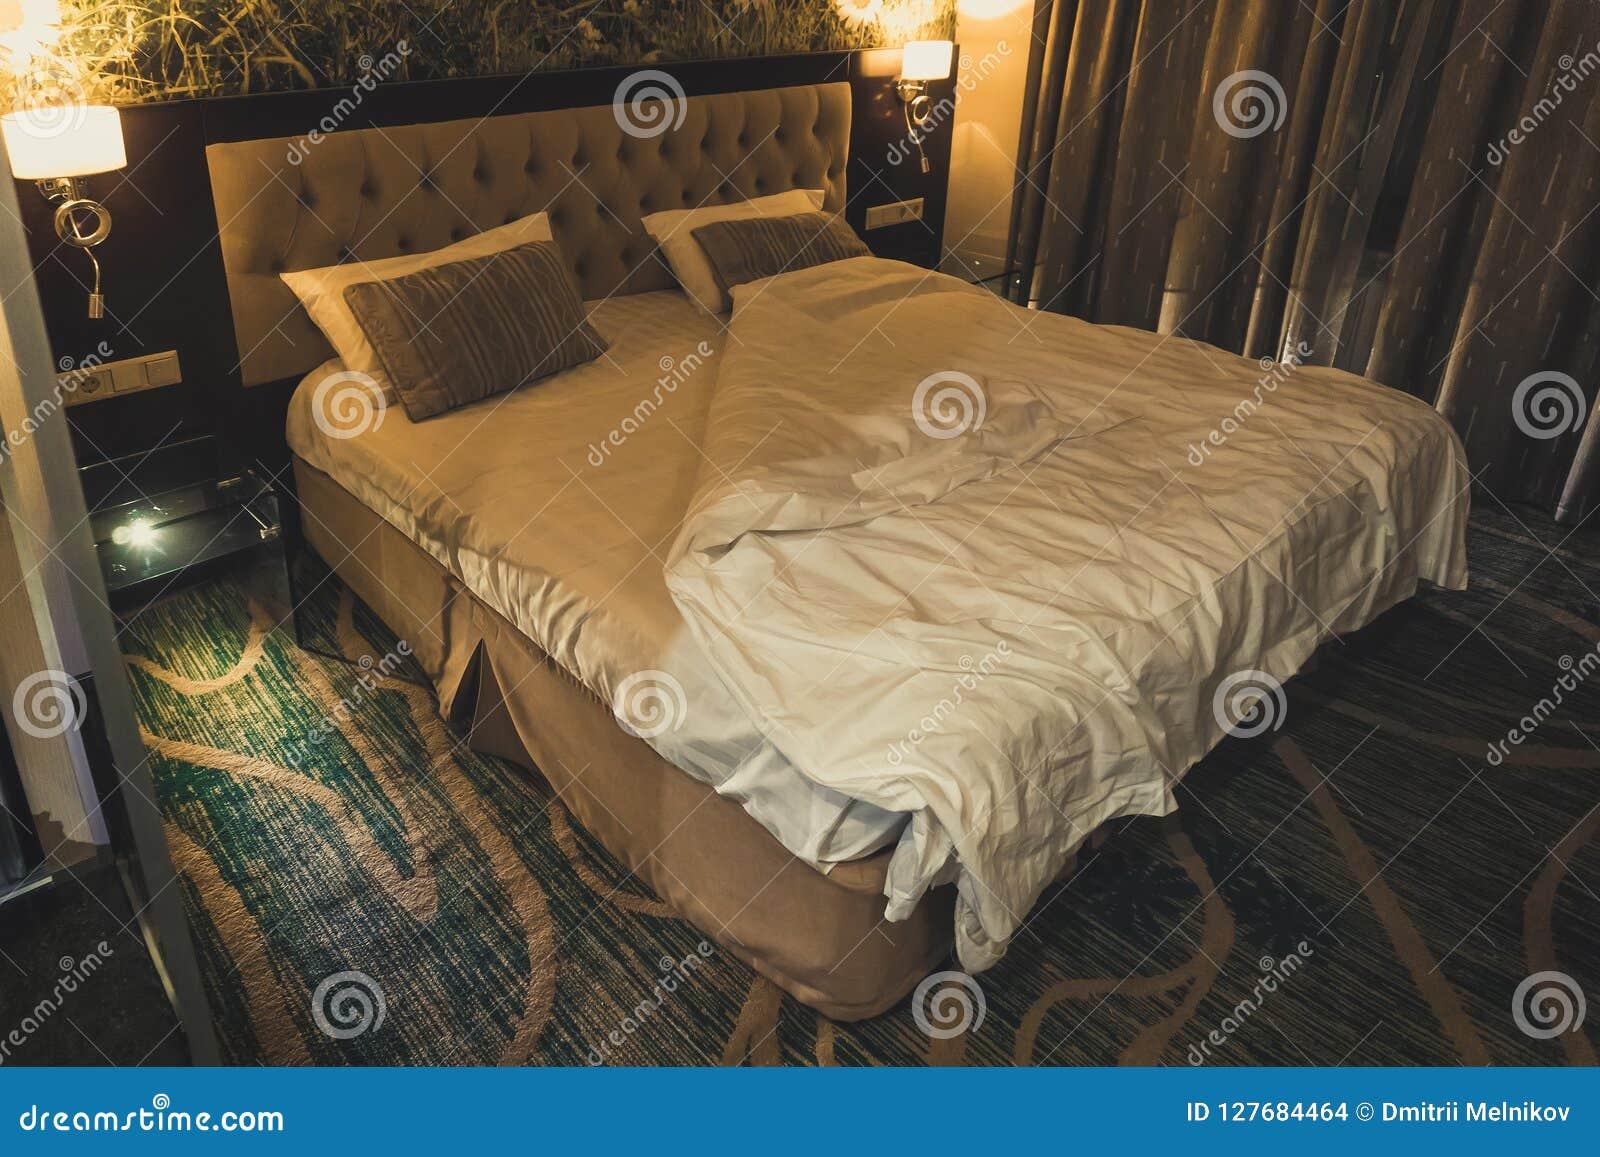 Chambre A Coucher Moderne De Luxe De Style Grand Double Lit